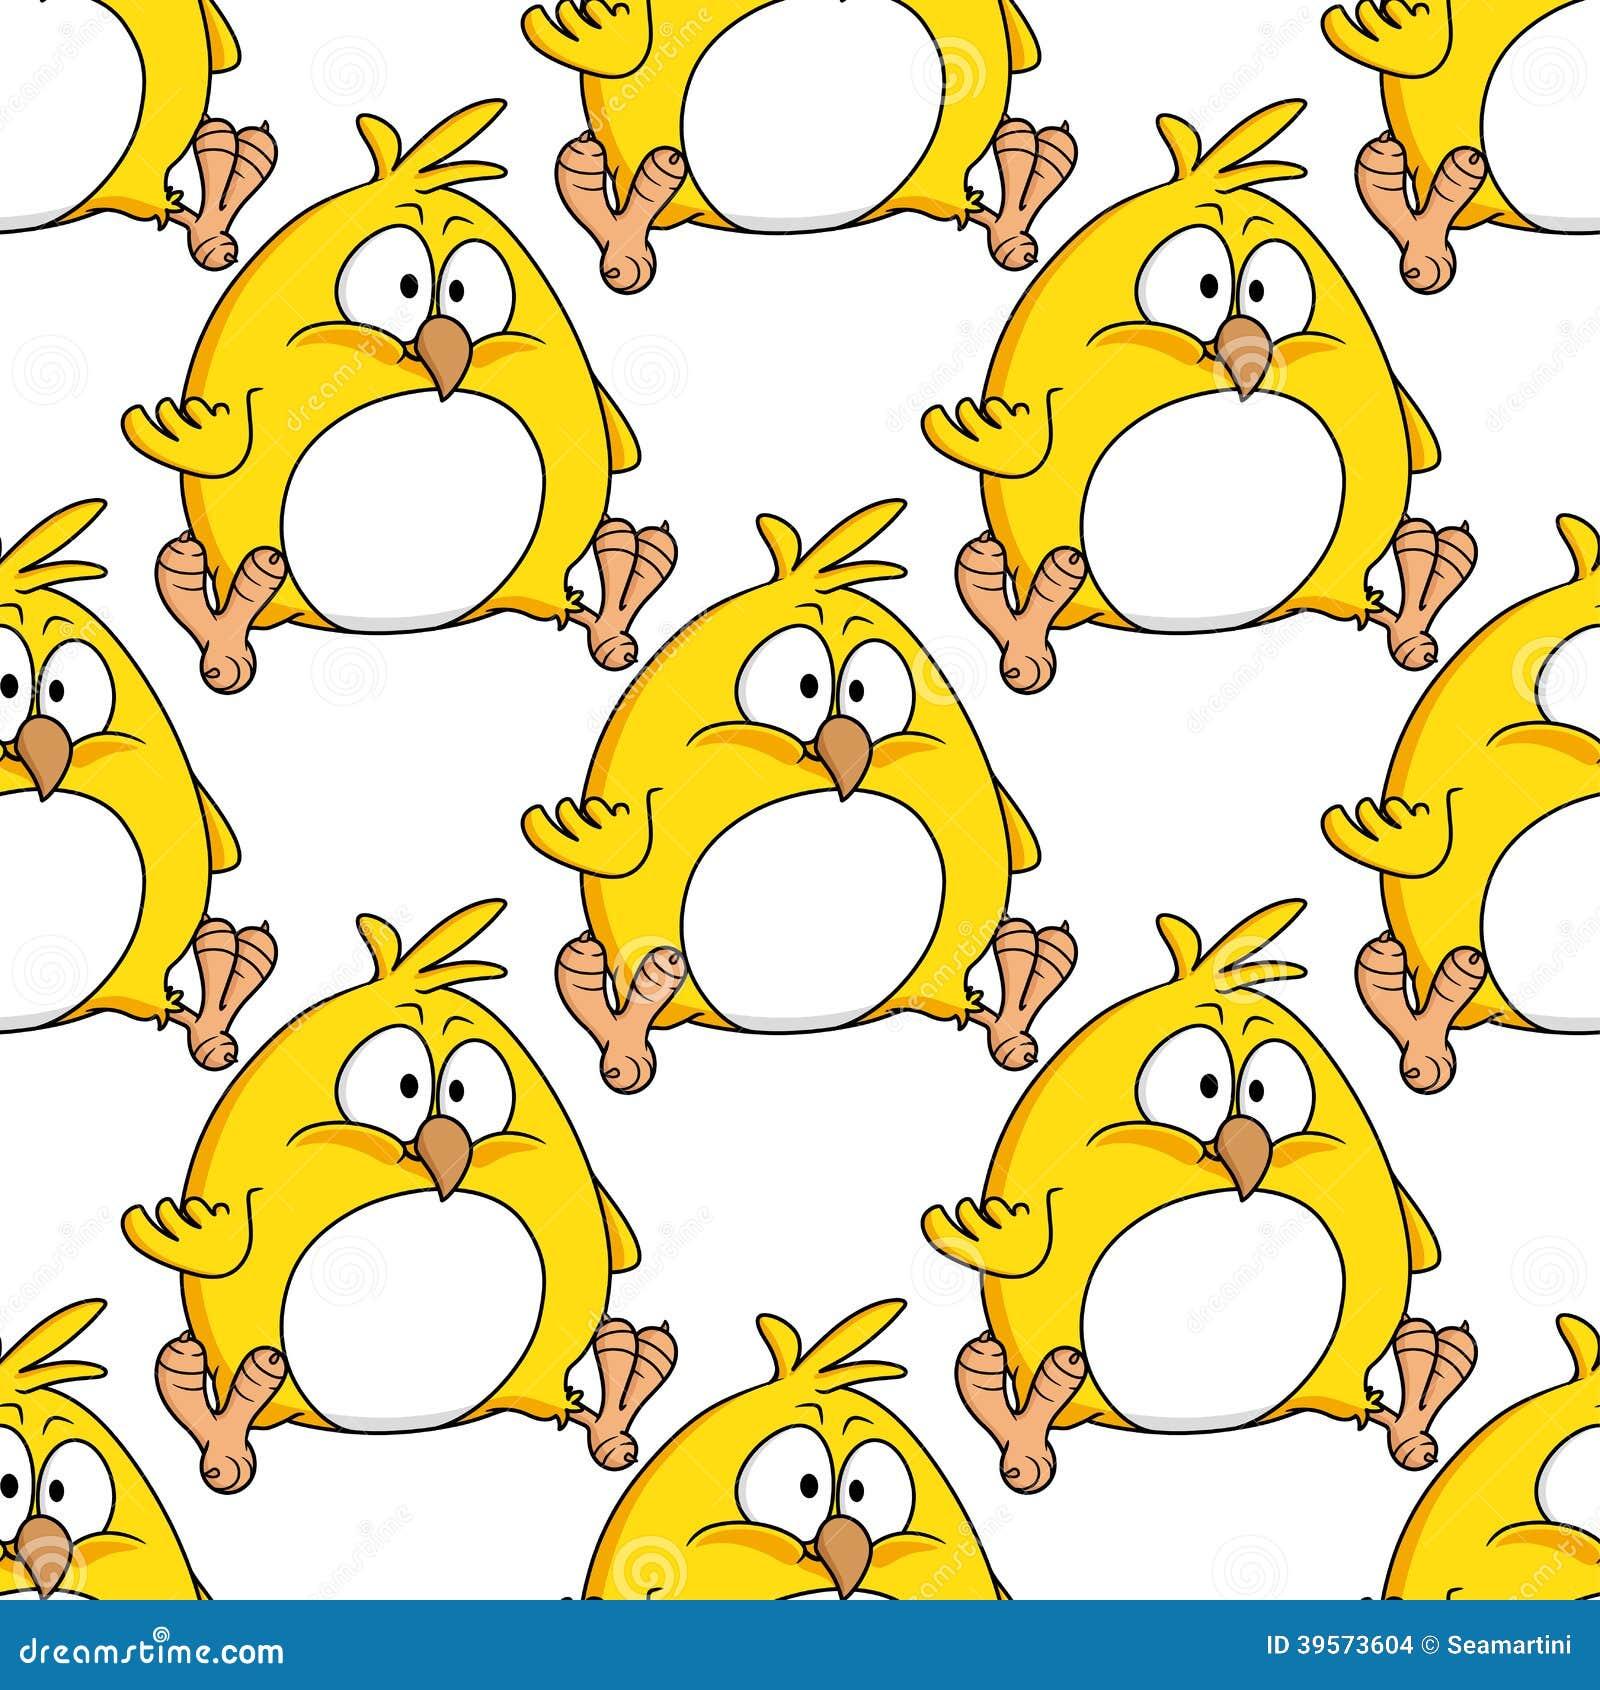 Поздравления, цыпленок рисунок прикольный